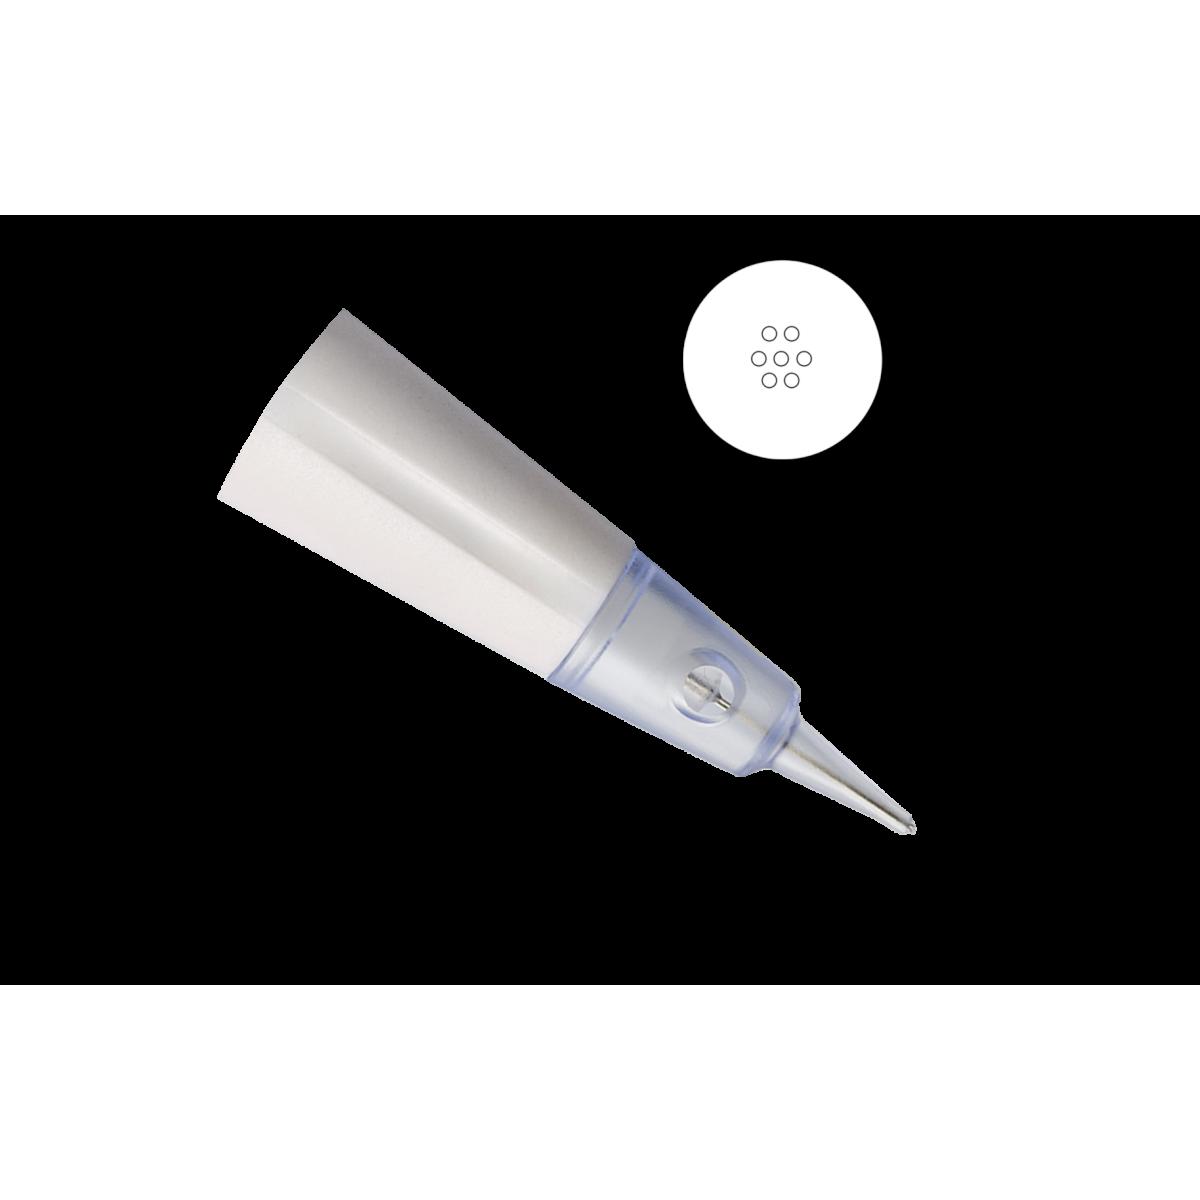 Stylo Genius -  - 7 NANO (0,25 mm) GENIUS